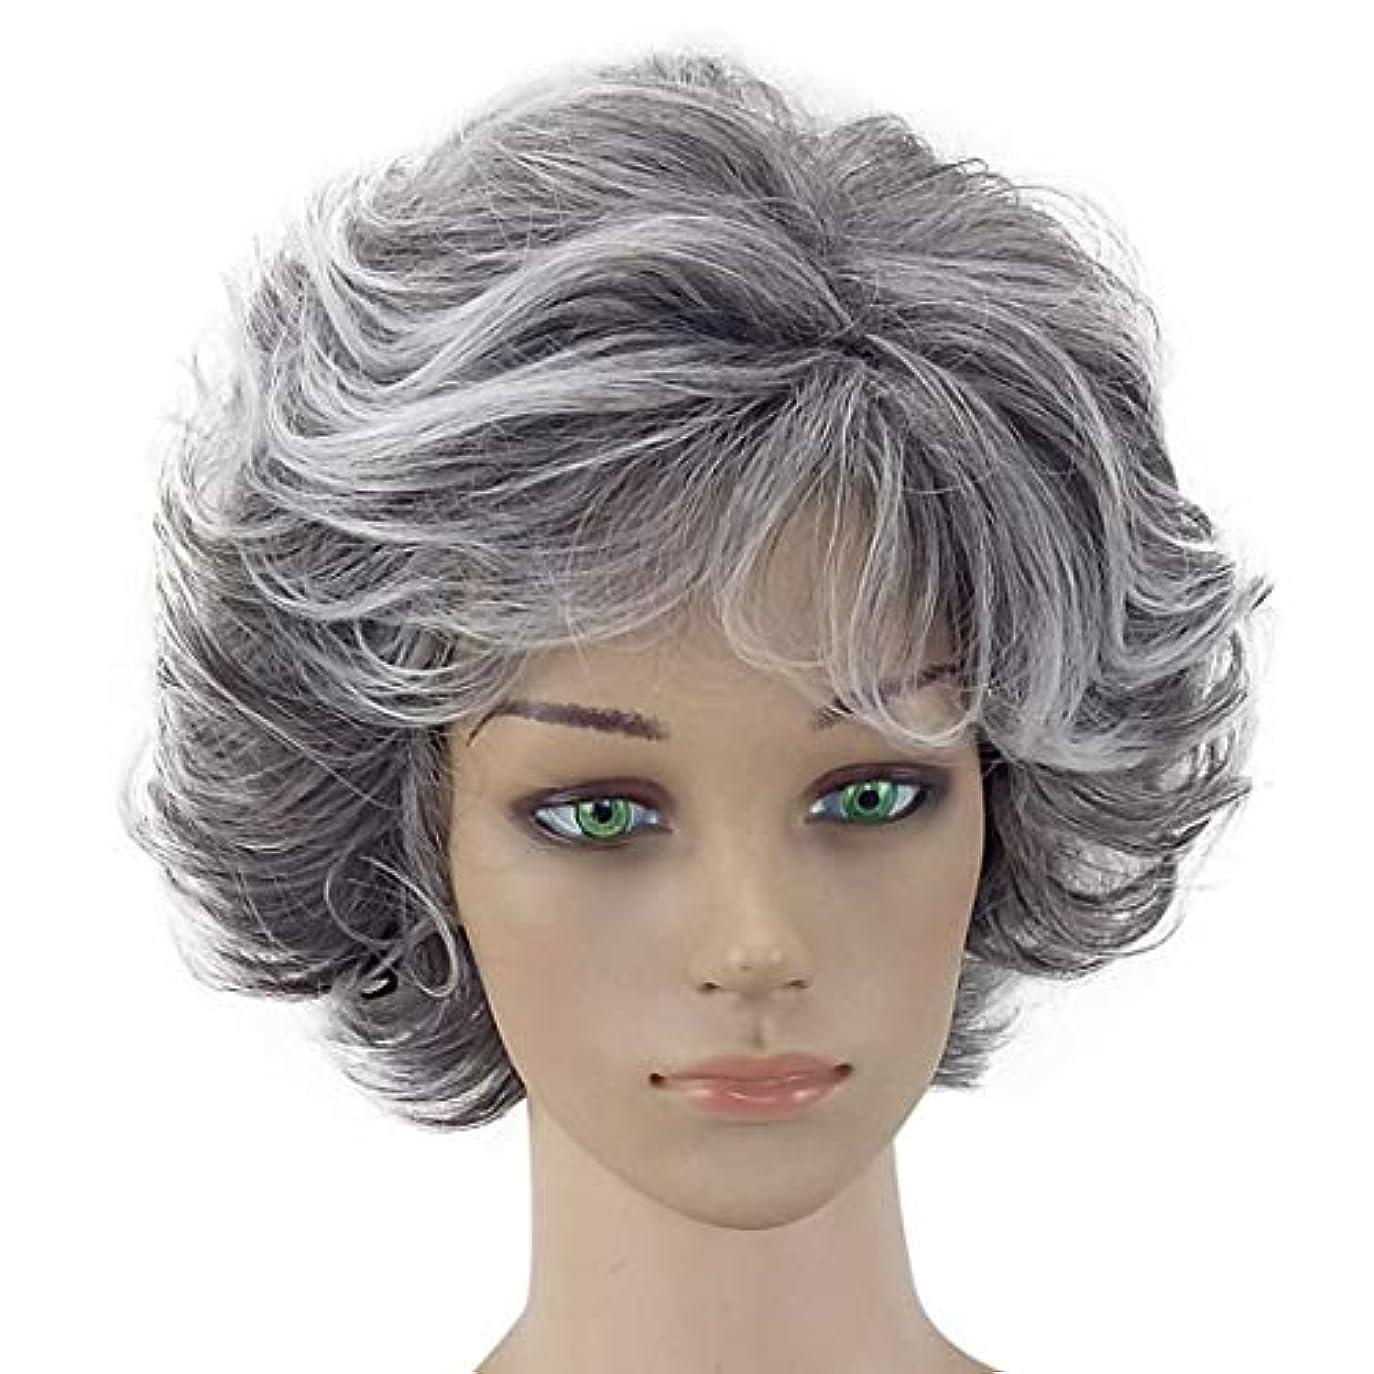 摘む仕事ますますYOUQIU コスプレ衣装パーティーのためのおばあちゃんグレーアフリカショートアフロカーリーウィッグナチュラル波状のかつらは無料ウィッグキャップウィッグと一緒に来て (色 : Granny Grey, サイズ : ワンサイズ)